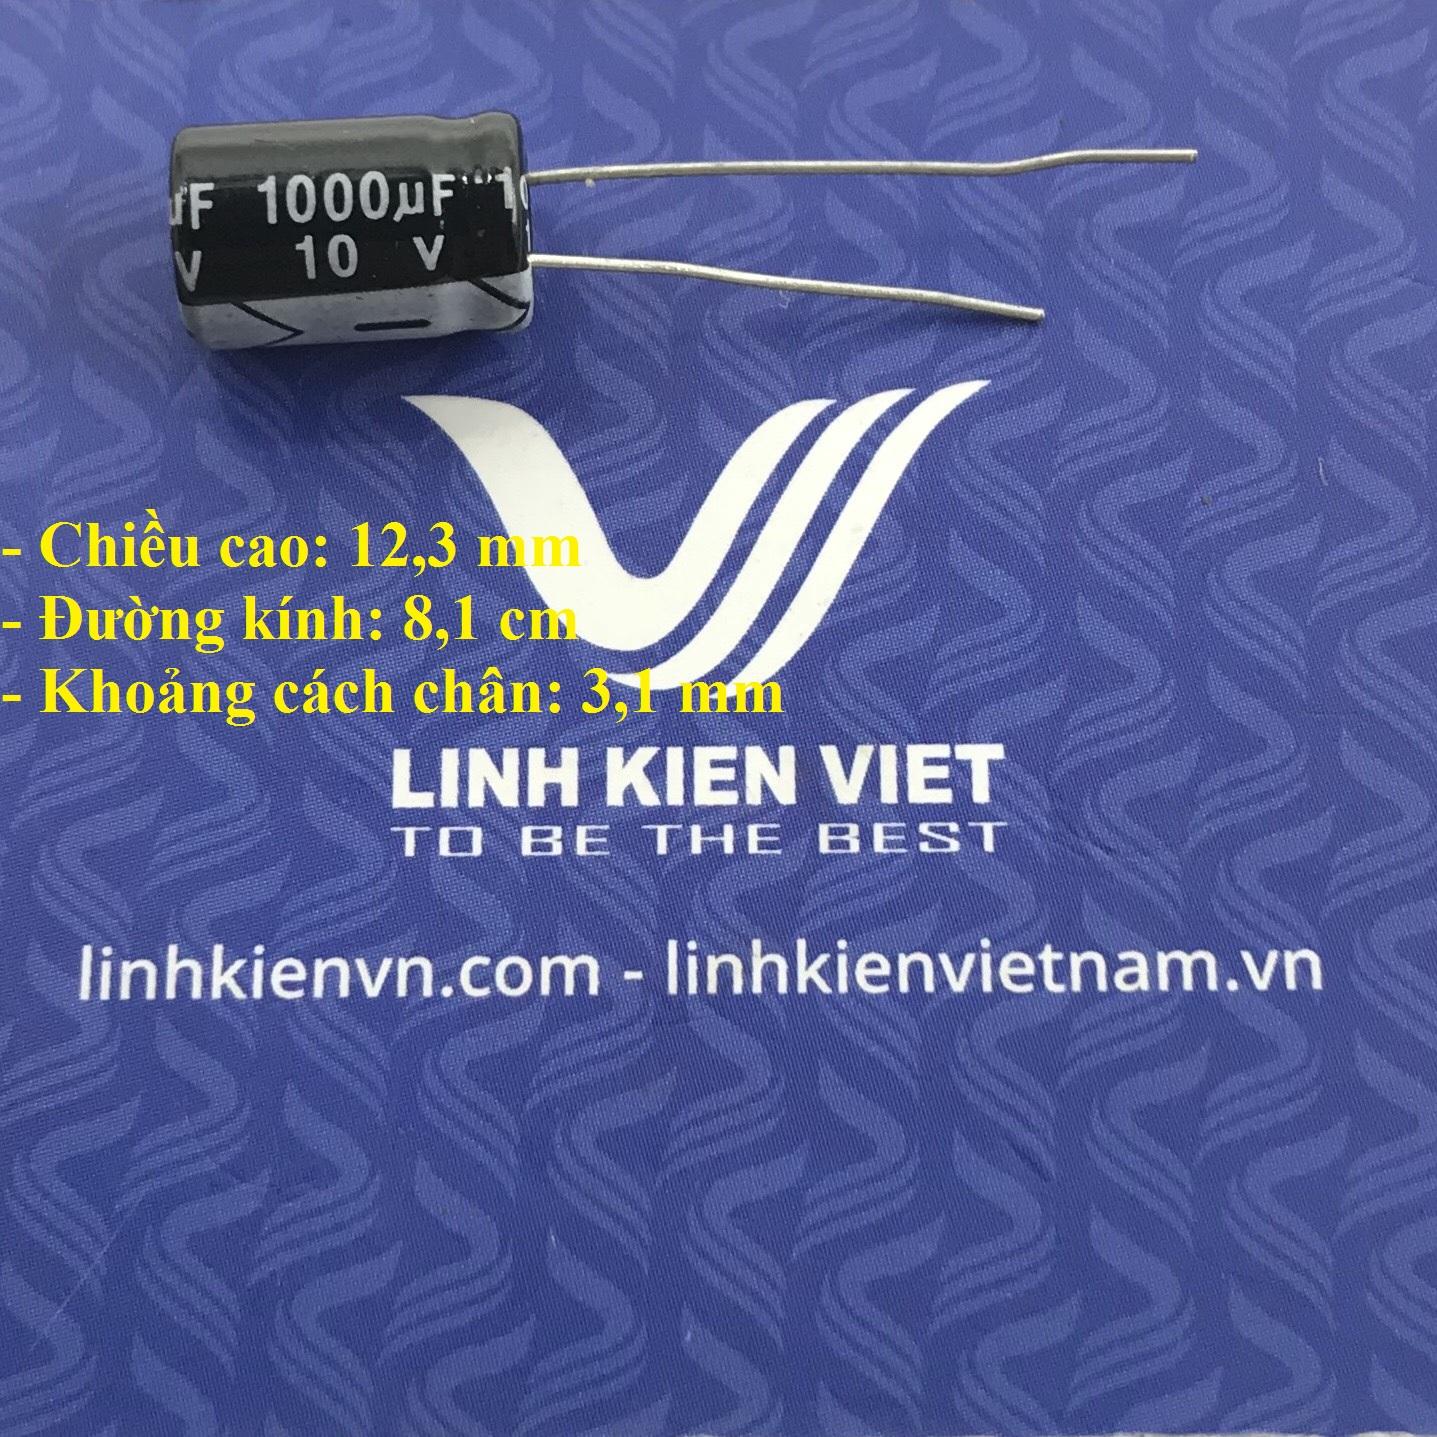 Tụ hóa 1000uF - 10V / G6H18